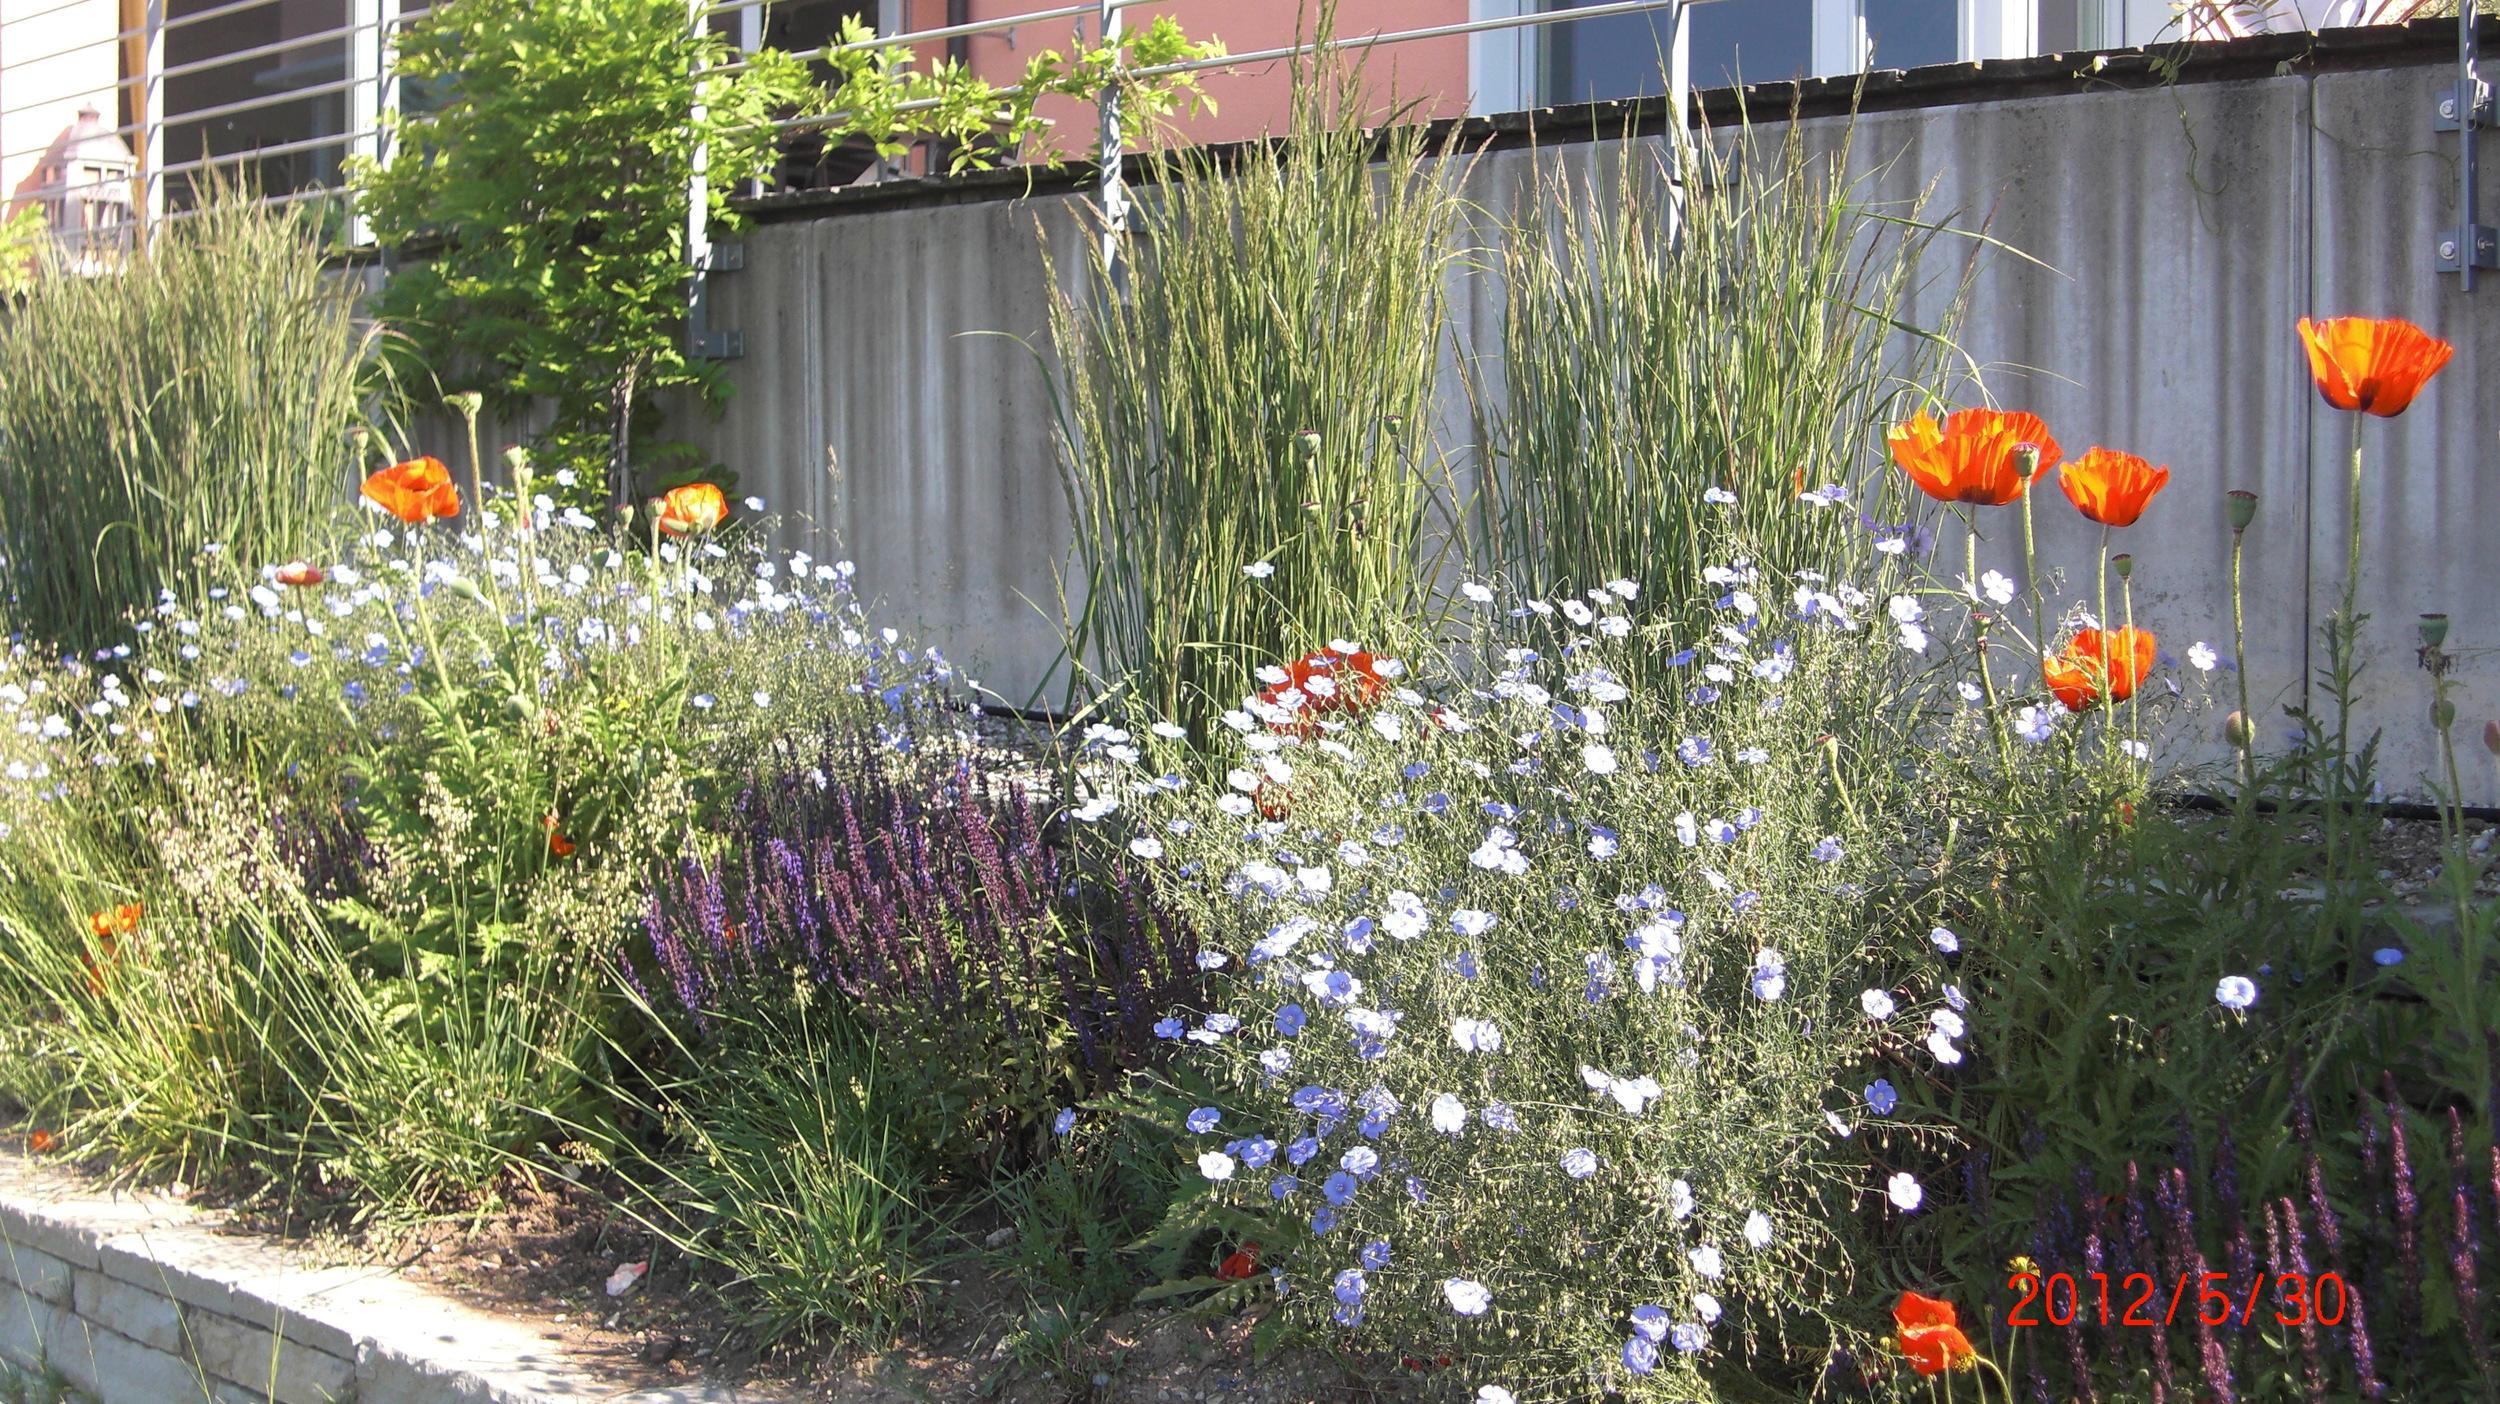 Meilen_Garten_Juni2012 (4).JPG